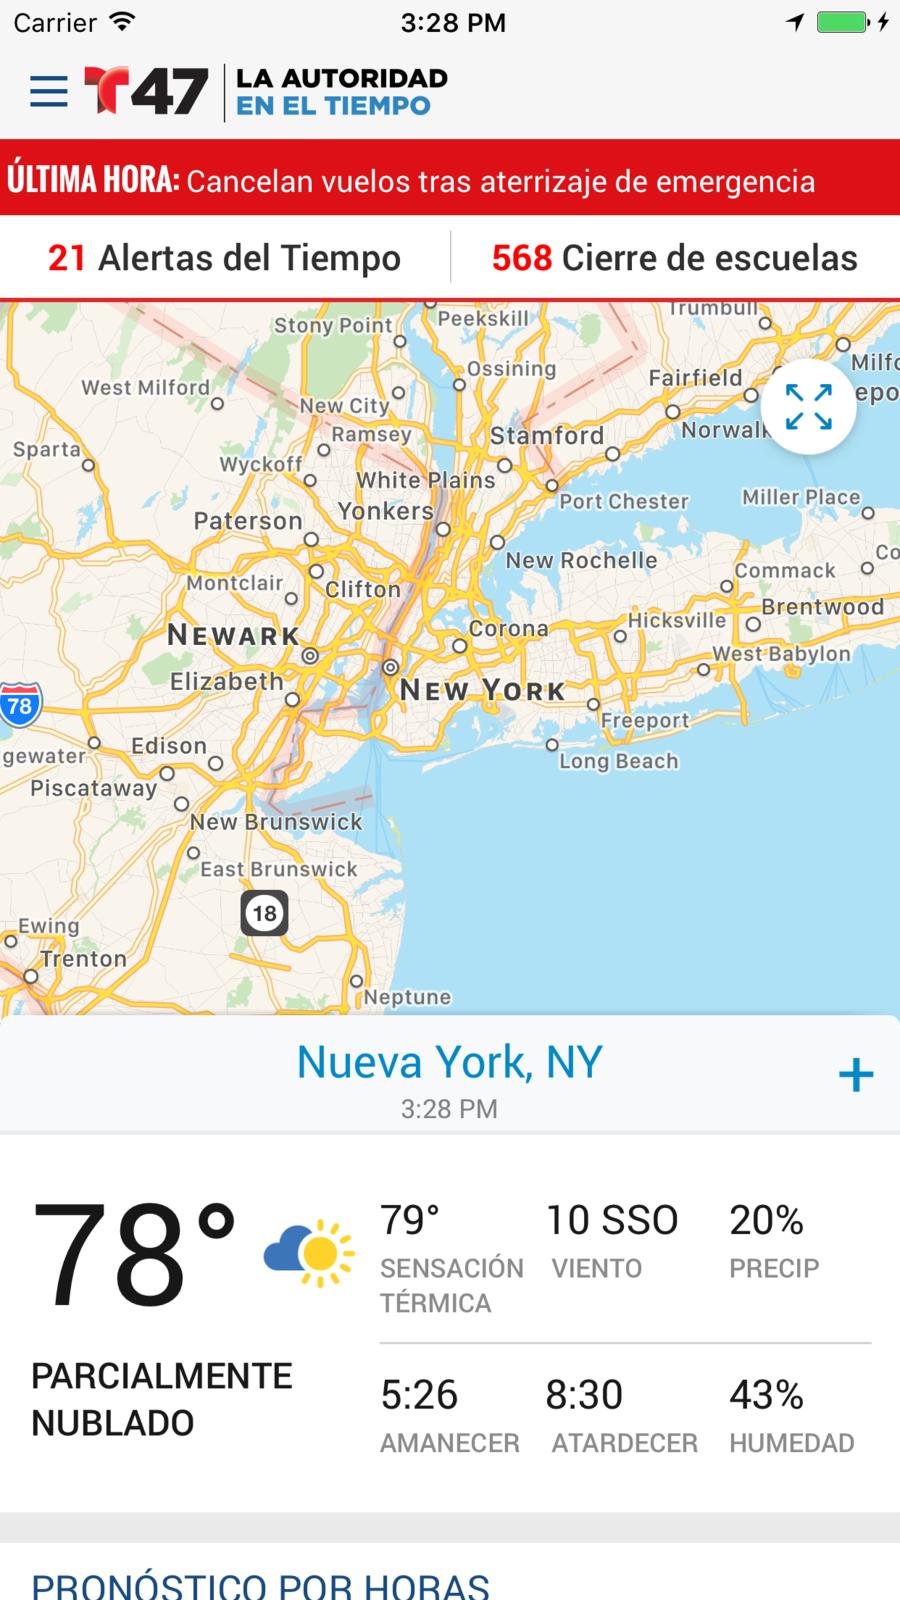 Telemundo 47 WeatherNewsappsios News apps, App